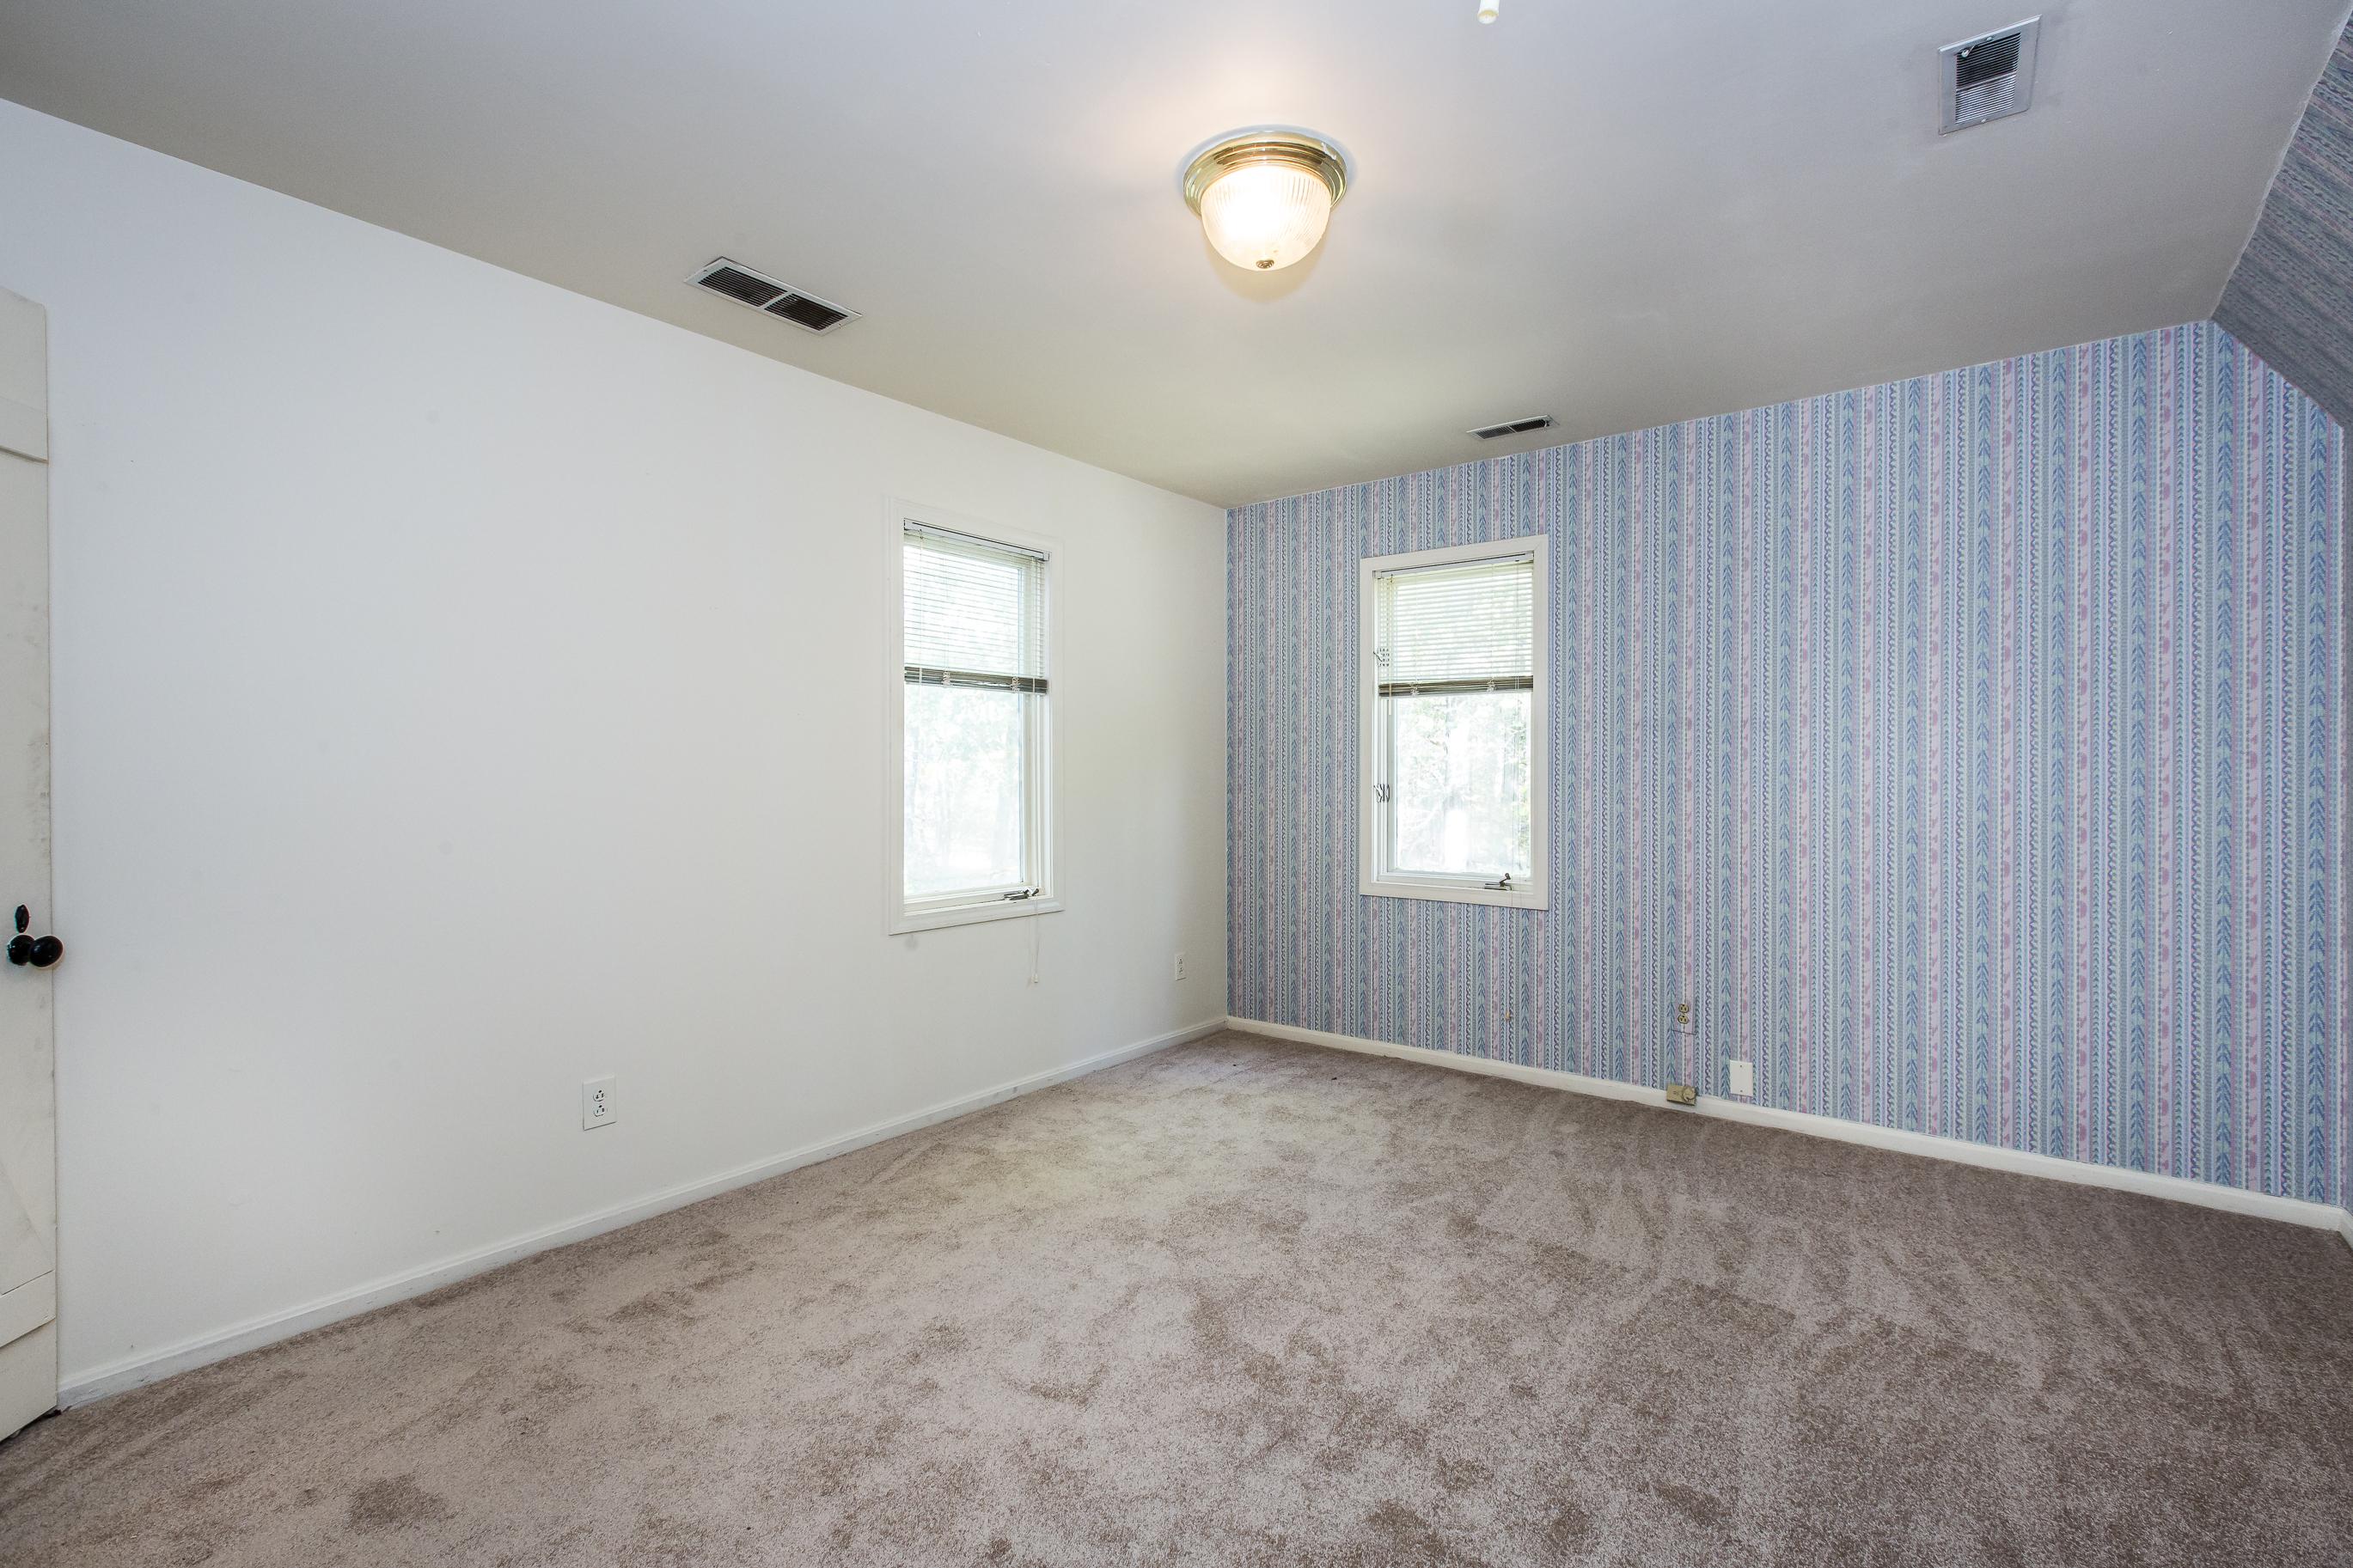 049_Bedroom 2